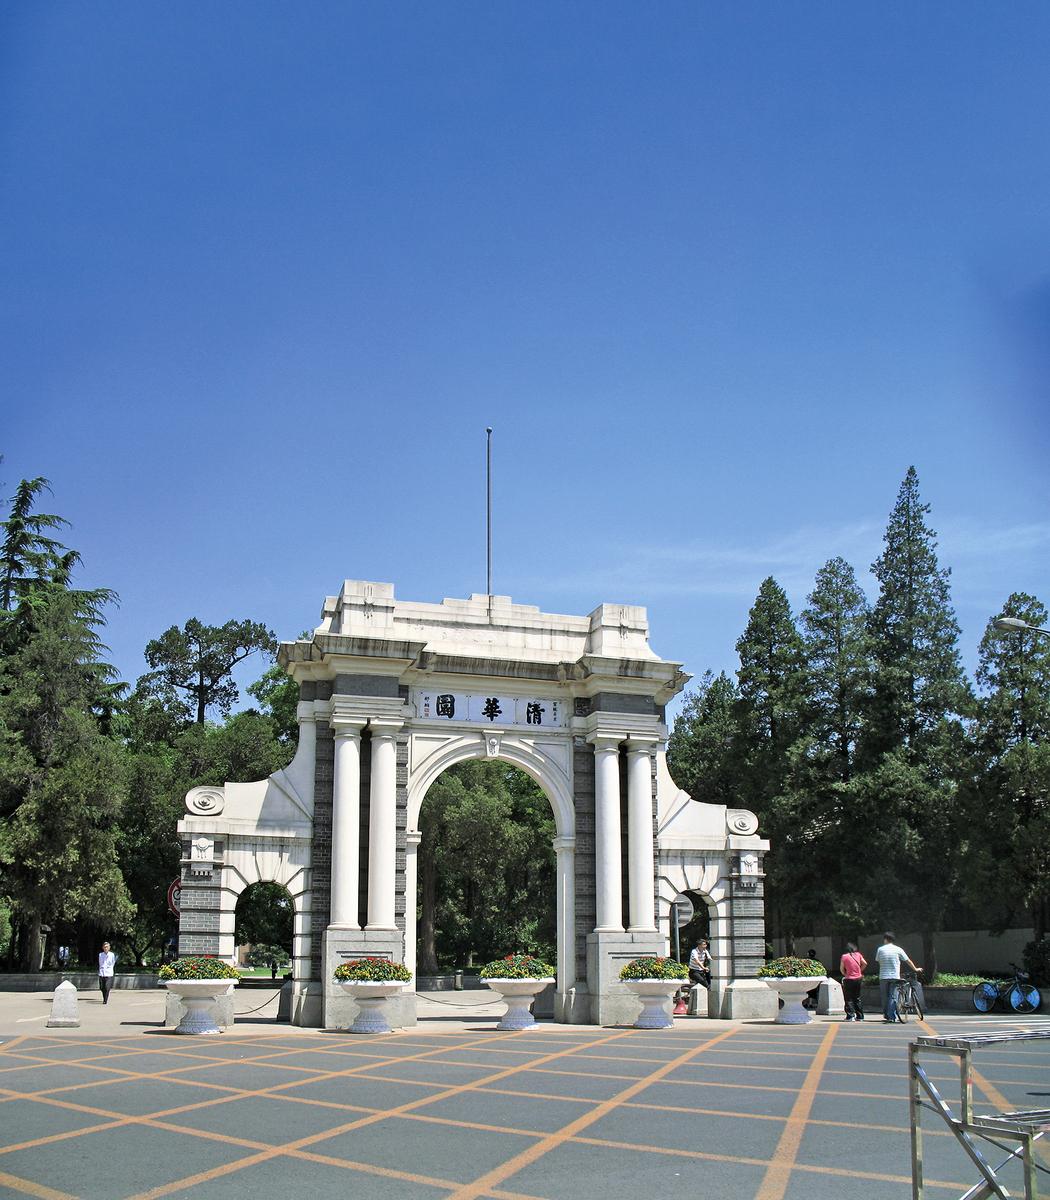 小圖:遭迫害前的清華學子張連君。(明慧網)大圖:中國著名學府清華大學。(維基百科)